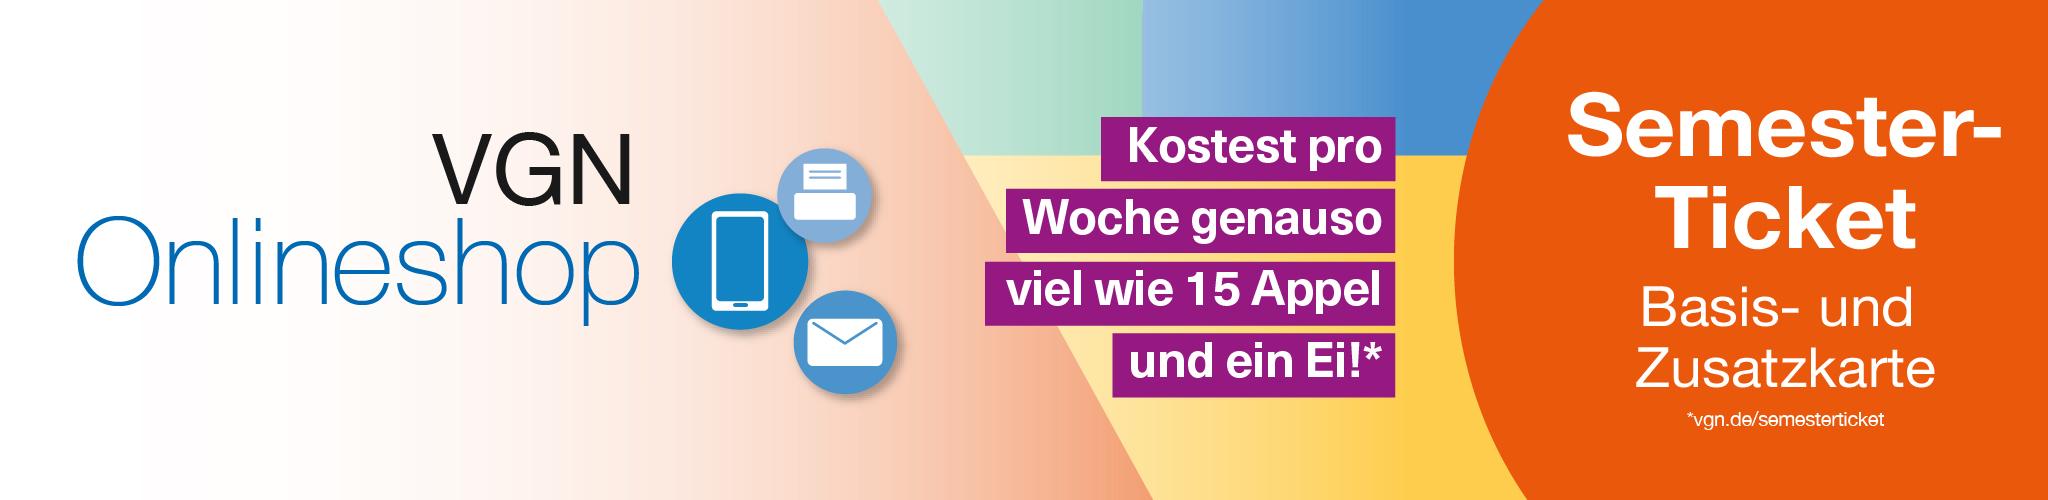 Tickets für Bus & Bahn im Großraum Nürnberg | VGN Onlineshop